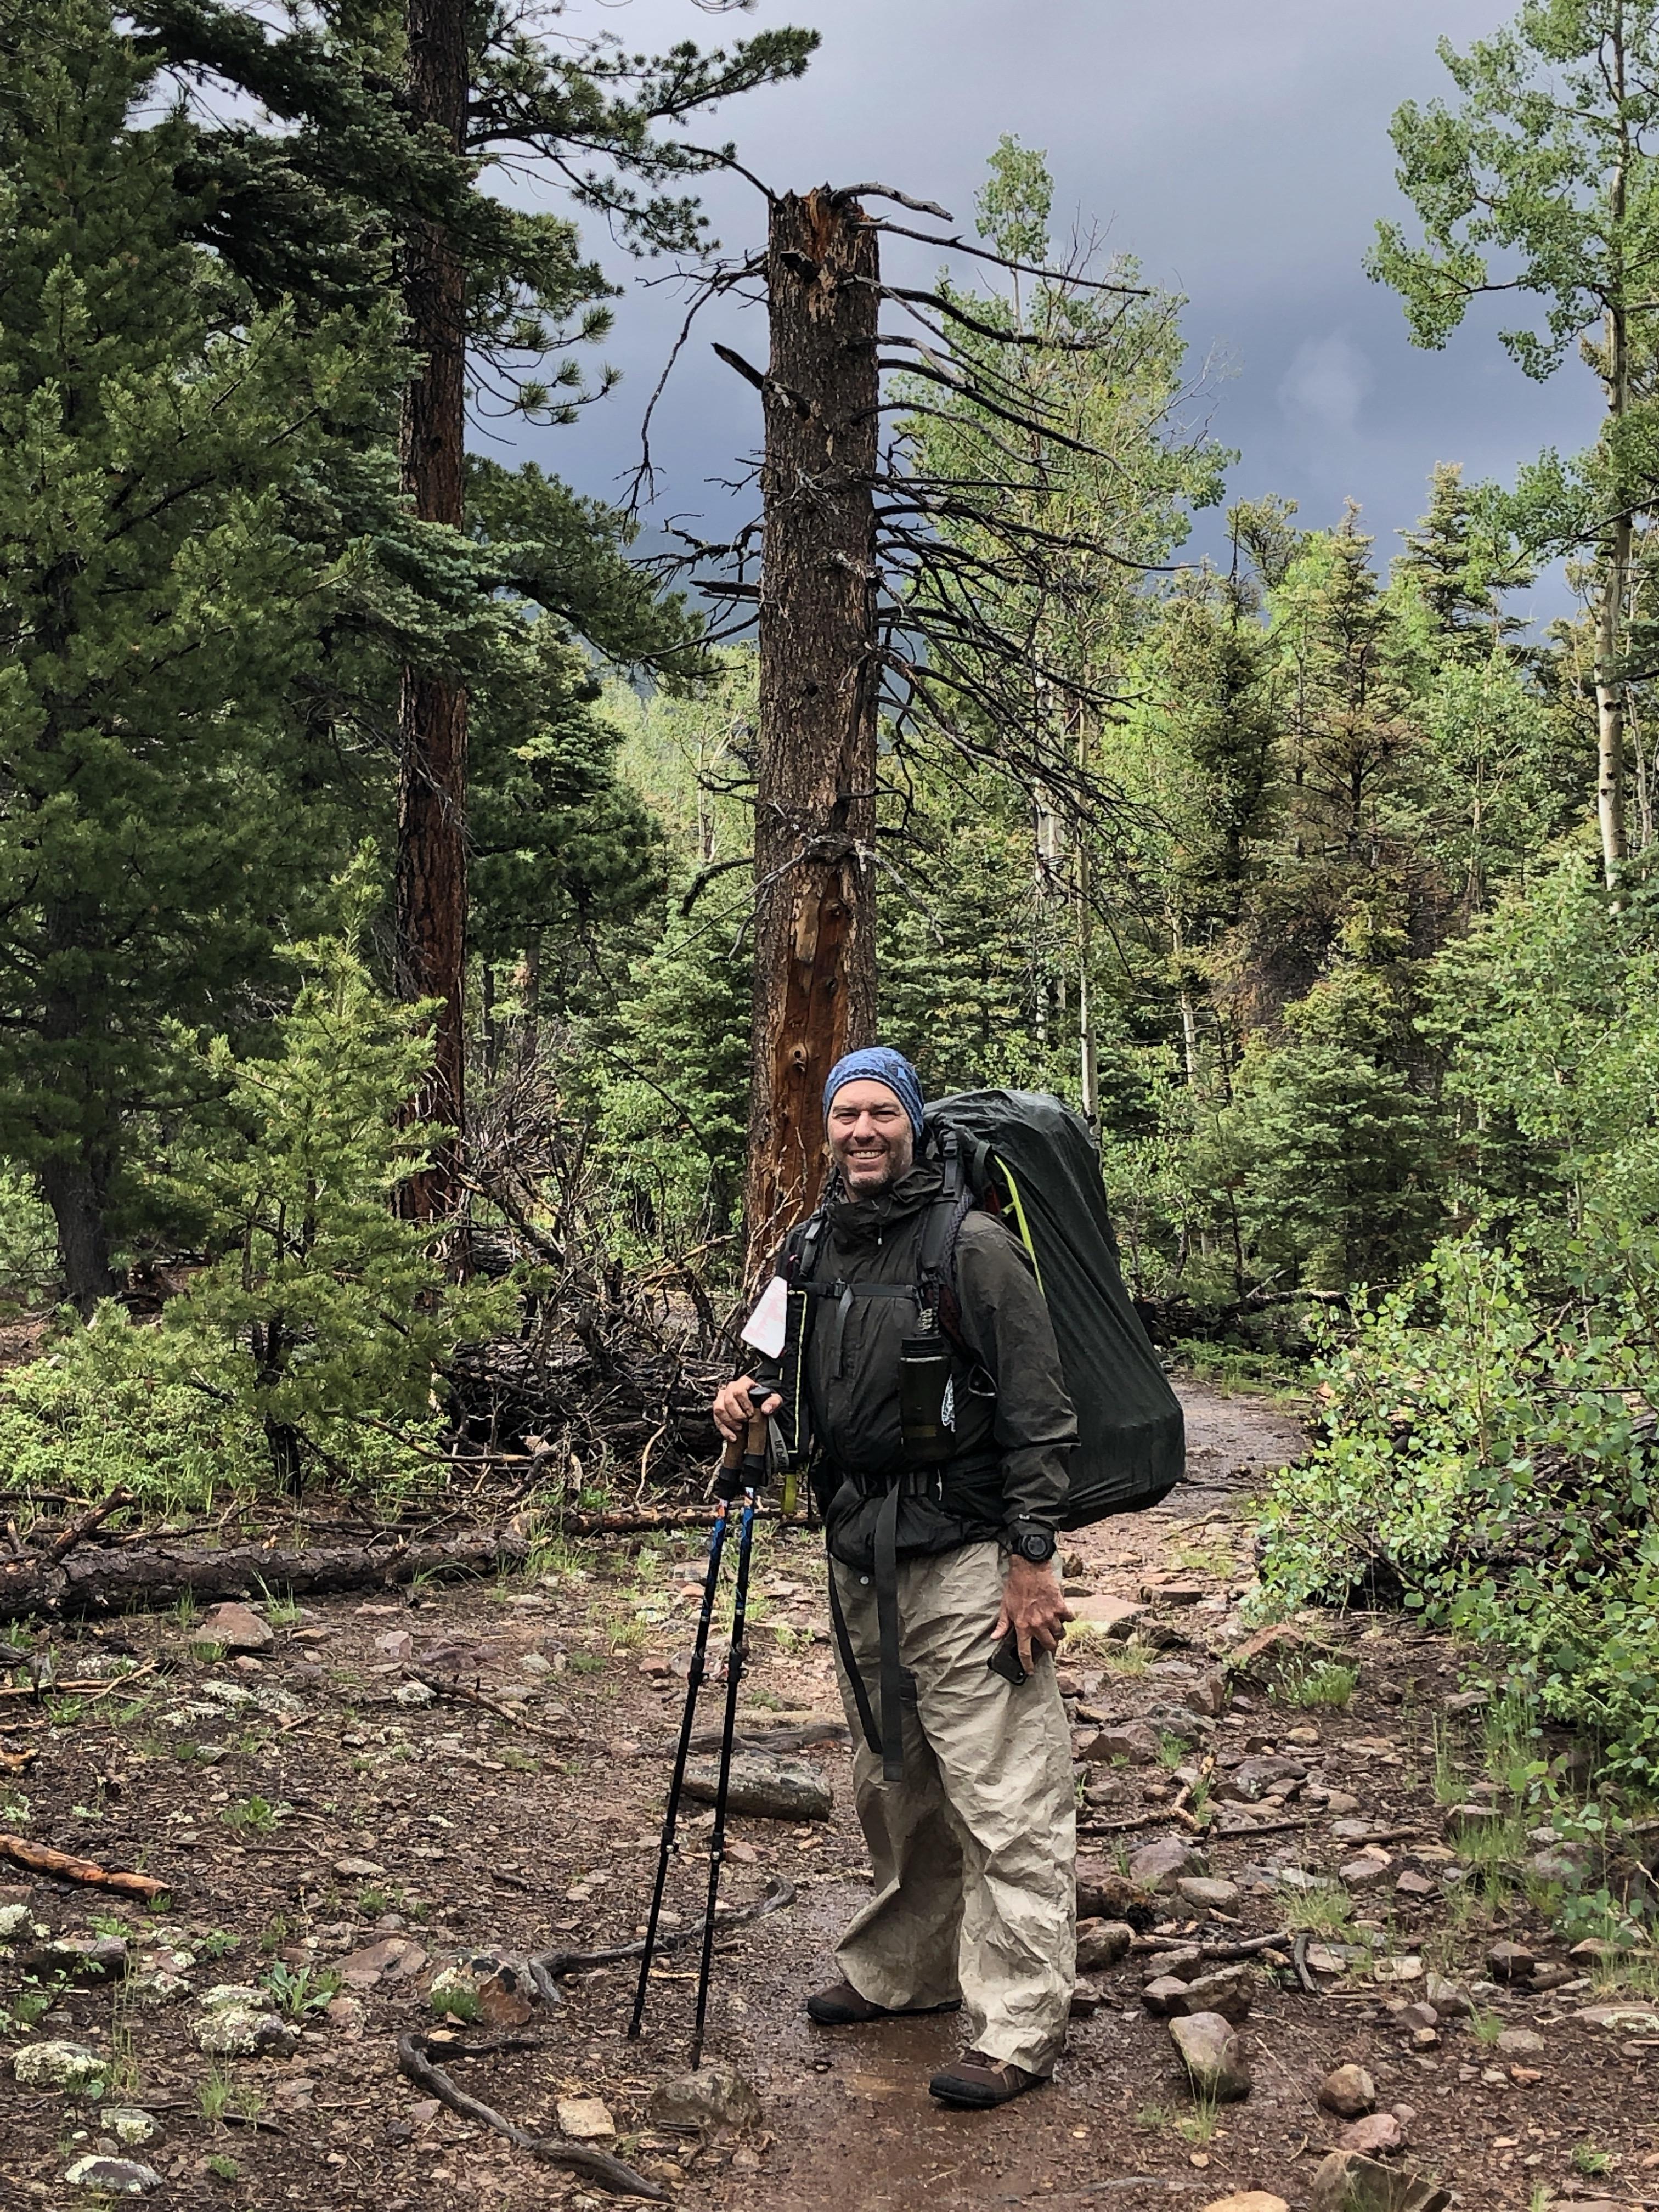 Best Backpacks for Hiking 2019 Osprey Atmos AG 65